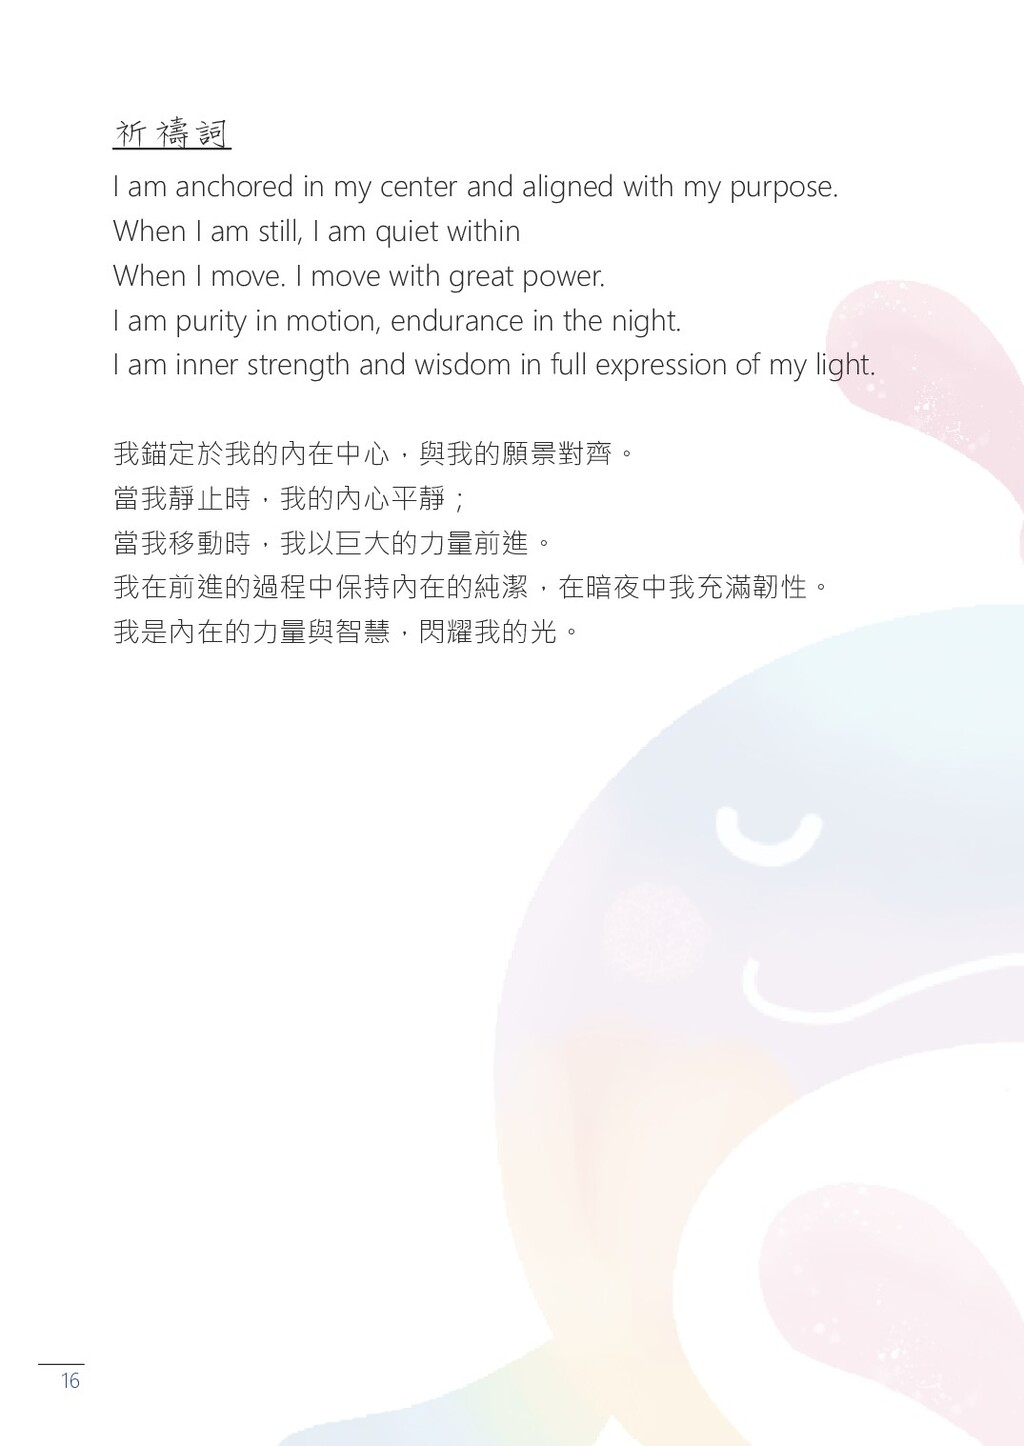 16 祈禱詞 I am anchored in my center and aligned w...